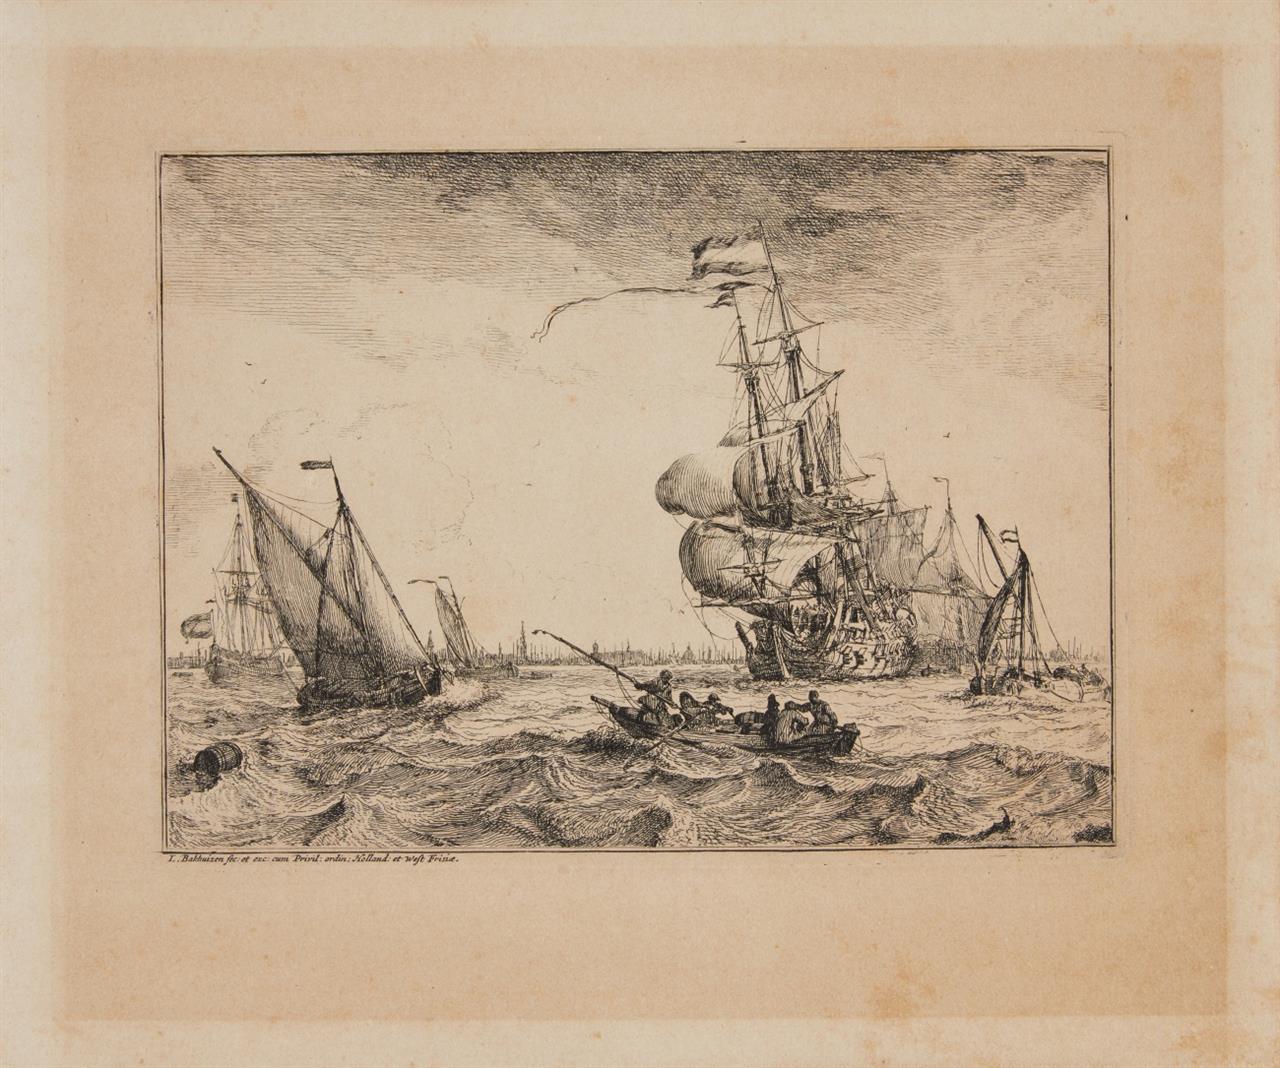 Ludolf Backhuizen. Seestücke mit Ansichten von Amsterdam, Rotterdam etc. Komplette Folge von 12 Blatt (Tit., Portr. + 10 Blatt) Kupferstichen. H. 1-10 III.